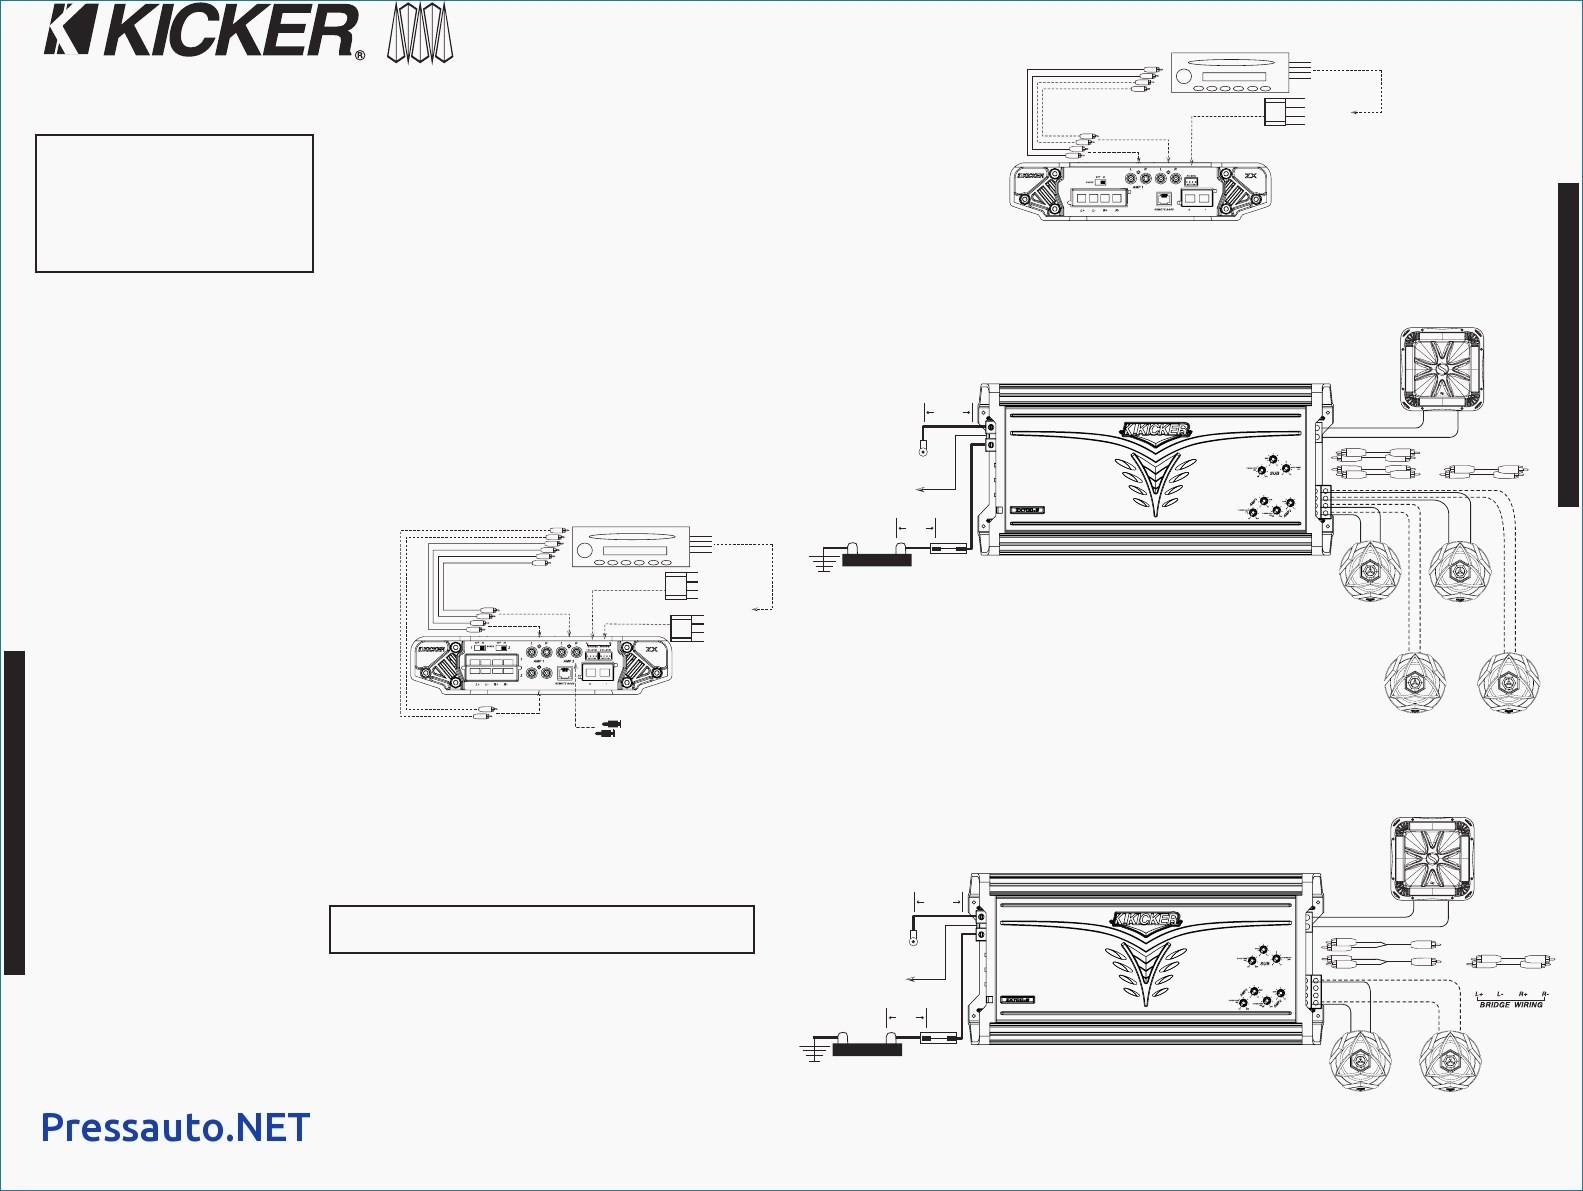 Kicker Solo Baric L5 12 Wiring Diagram Volovetsfo